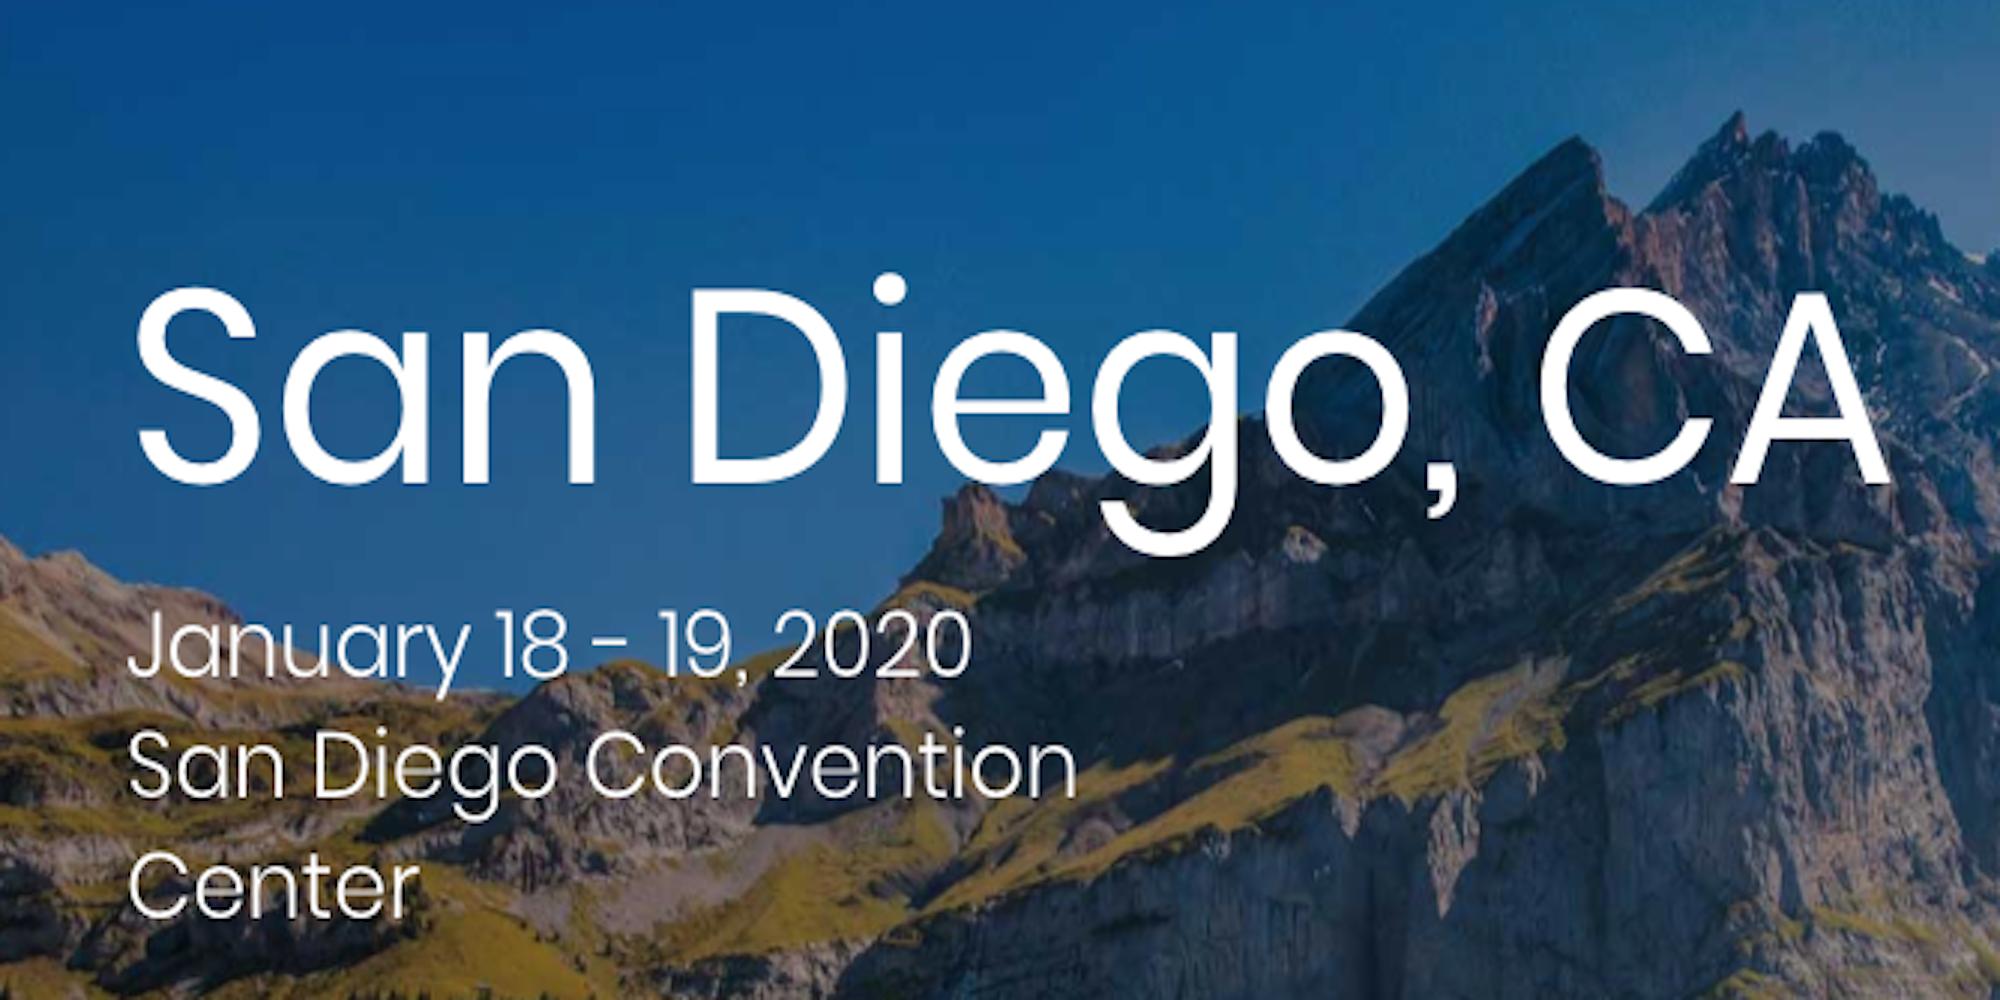 Travel & Adventure Show: San Diego